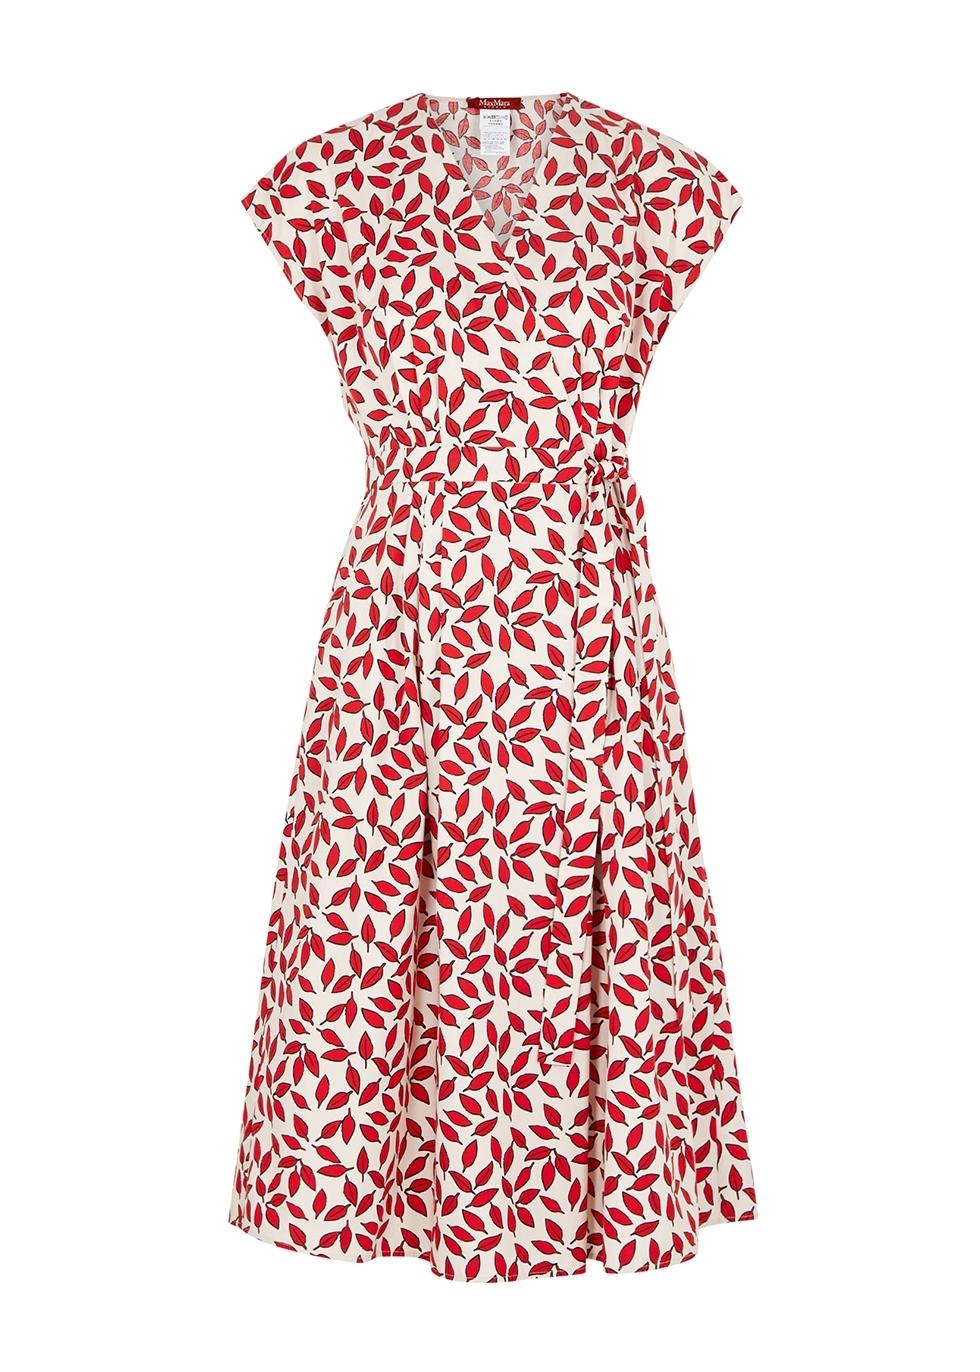 acbfc17ee9f Designer Midi Dresses - Mid Length Dresses - Harvey Nichols